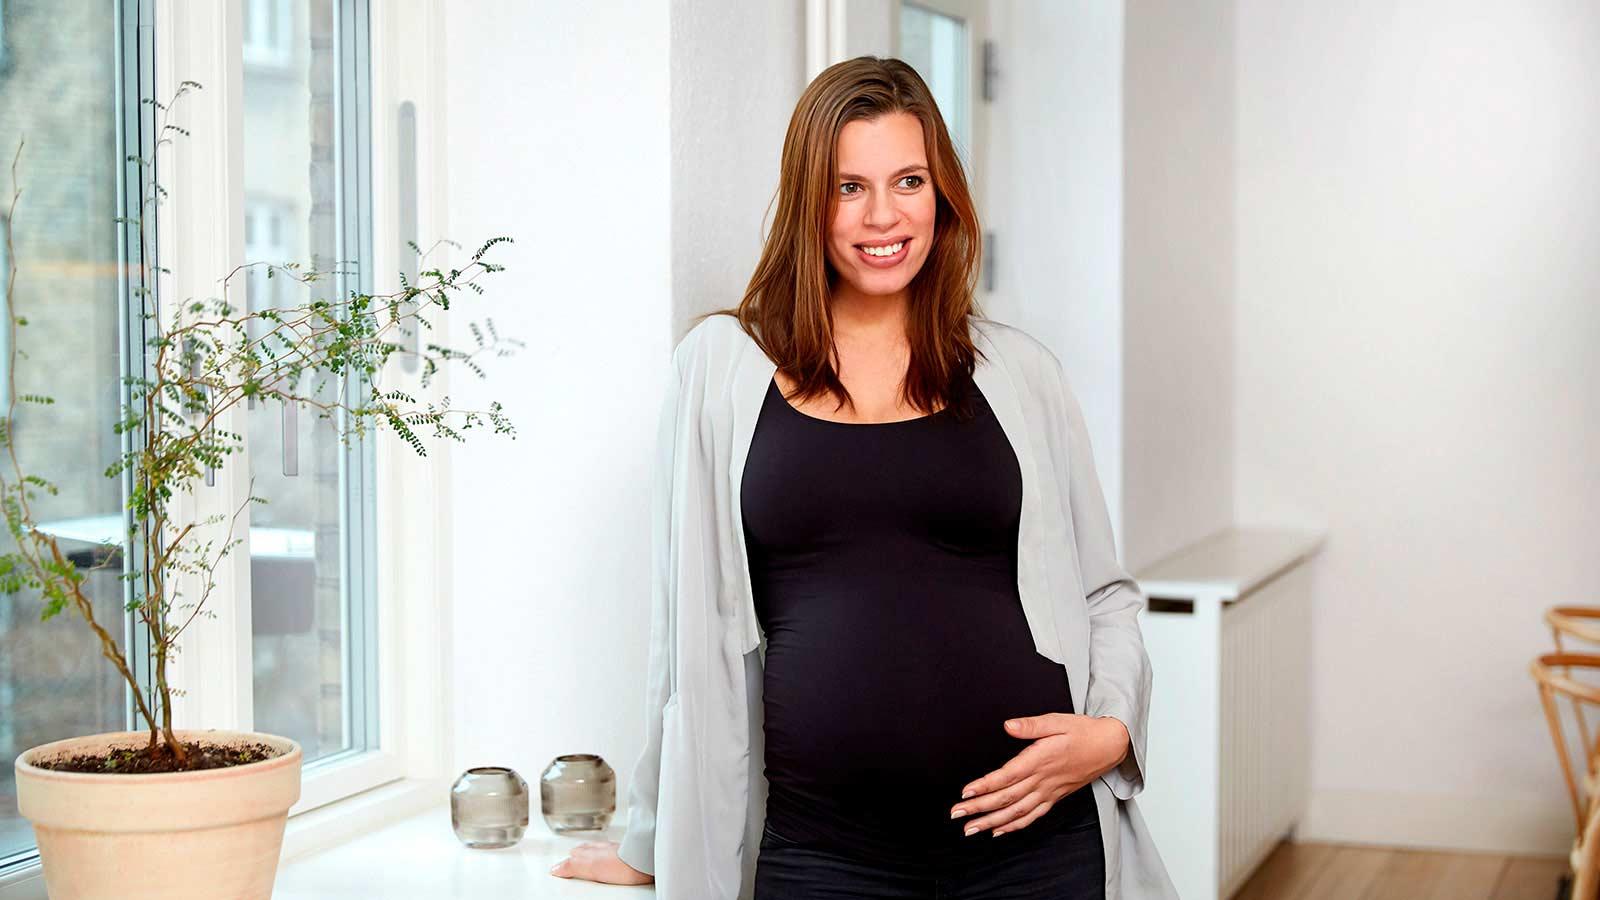 Mujer embarazada que ha recurrido a esperma de donante para hacer realidad su sueño de tener un hijo